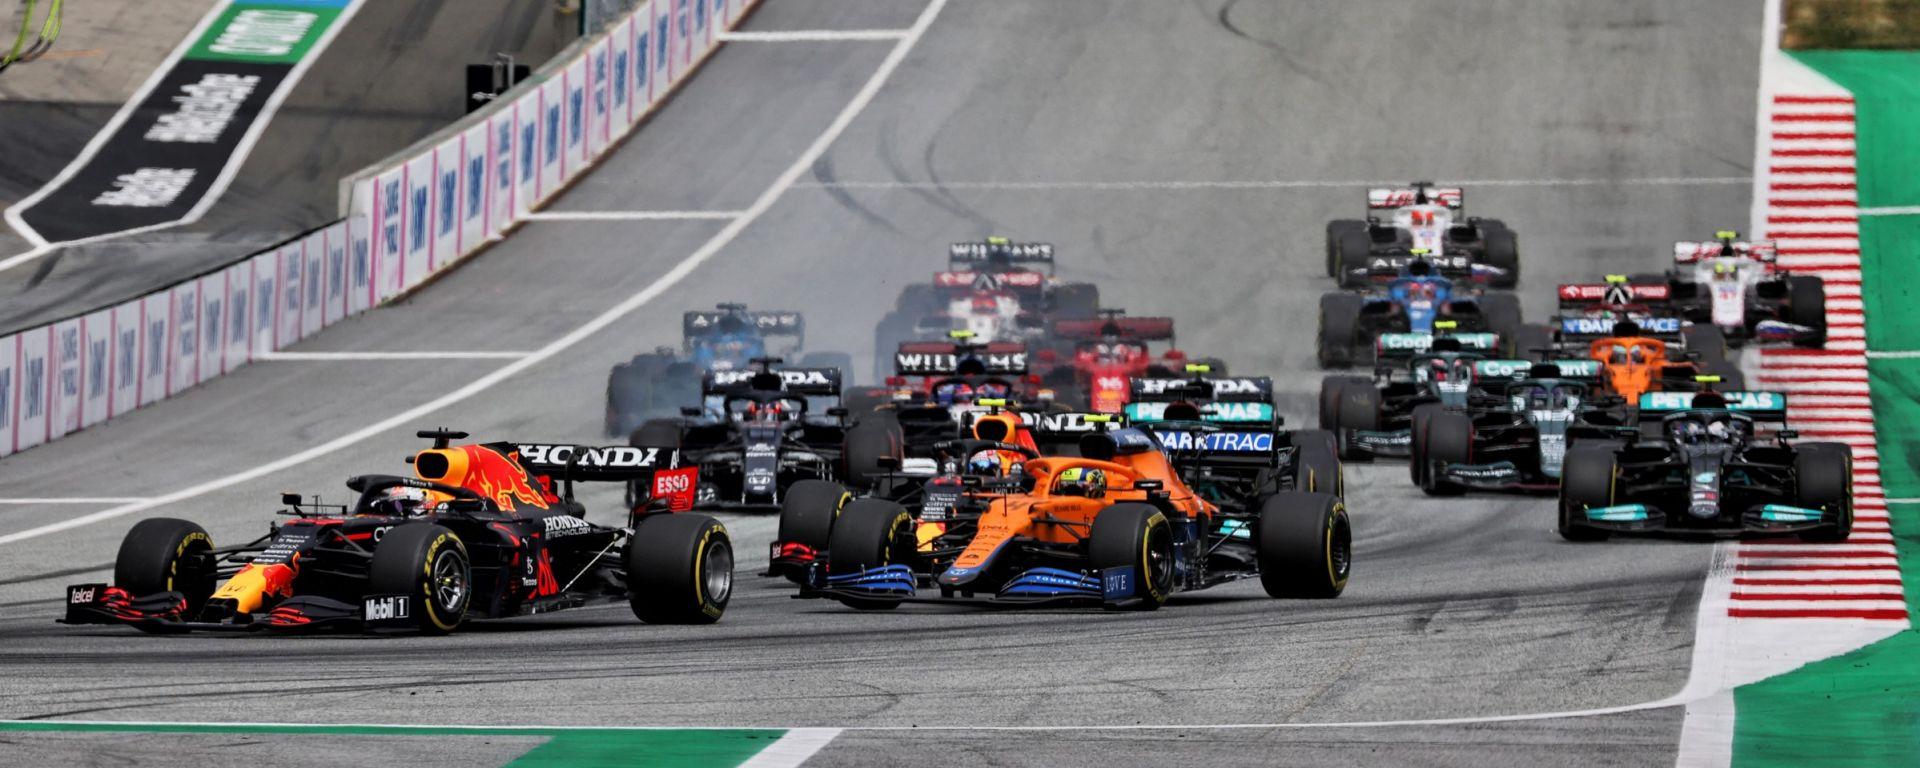 F1, GP Austria 2021: la partenza